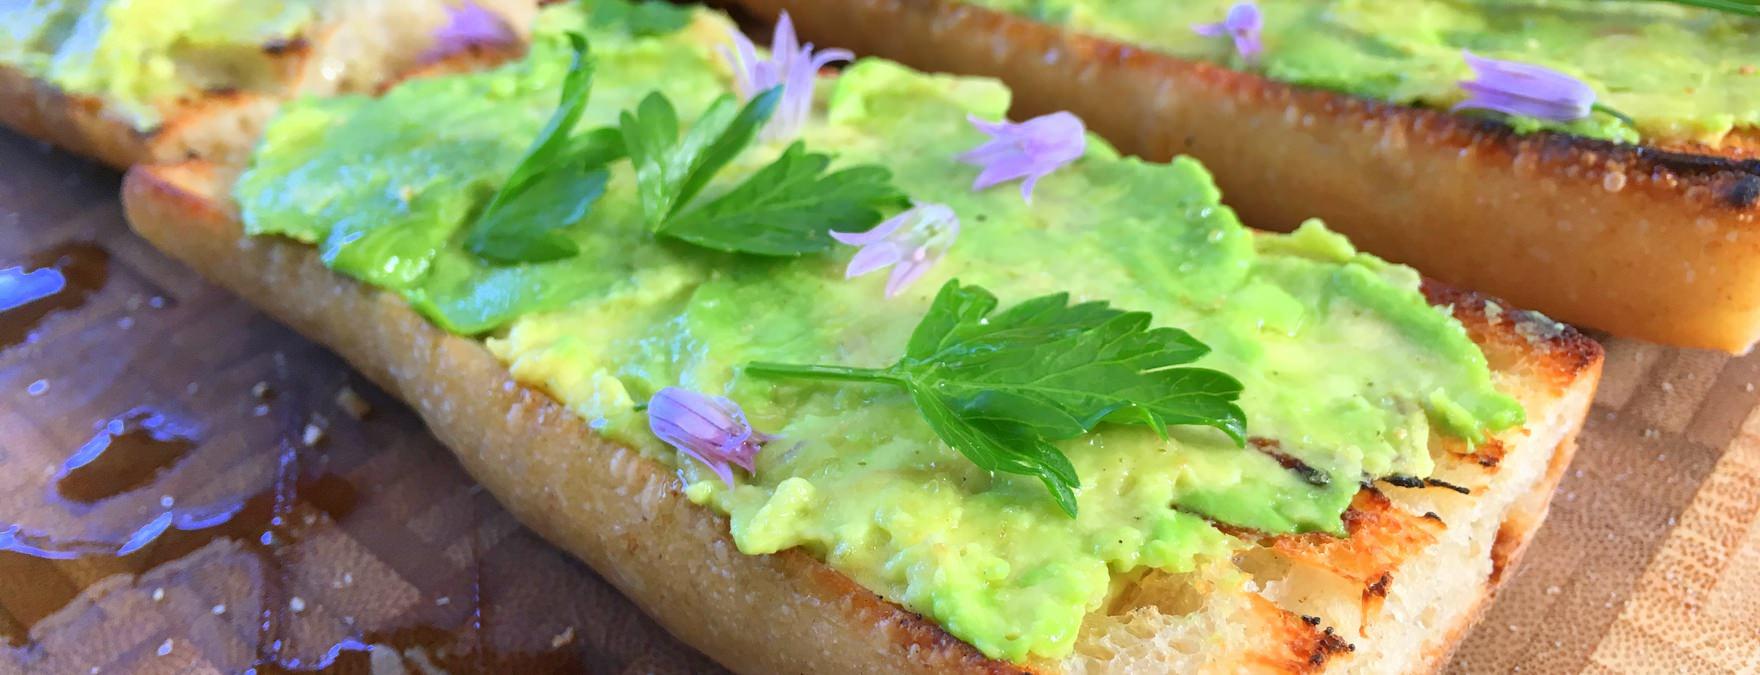 bread with avocado